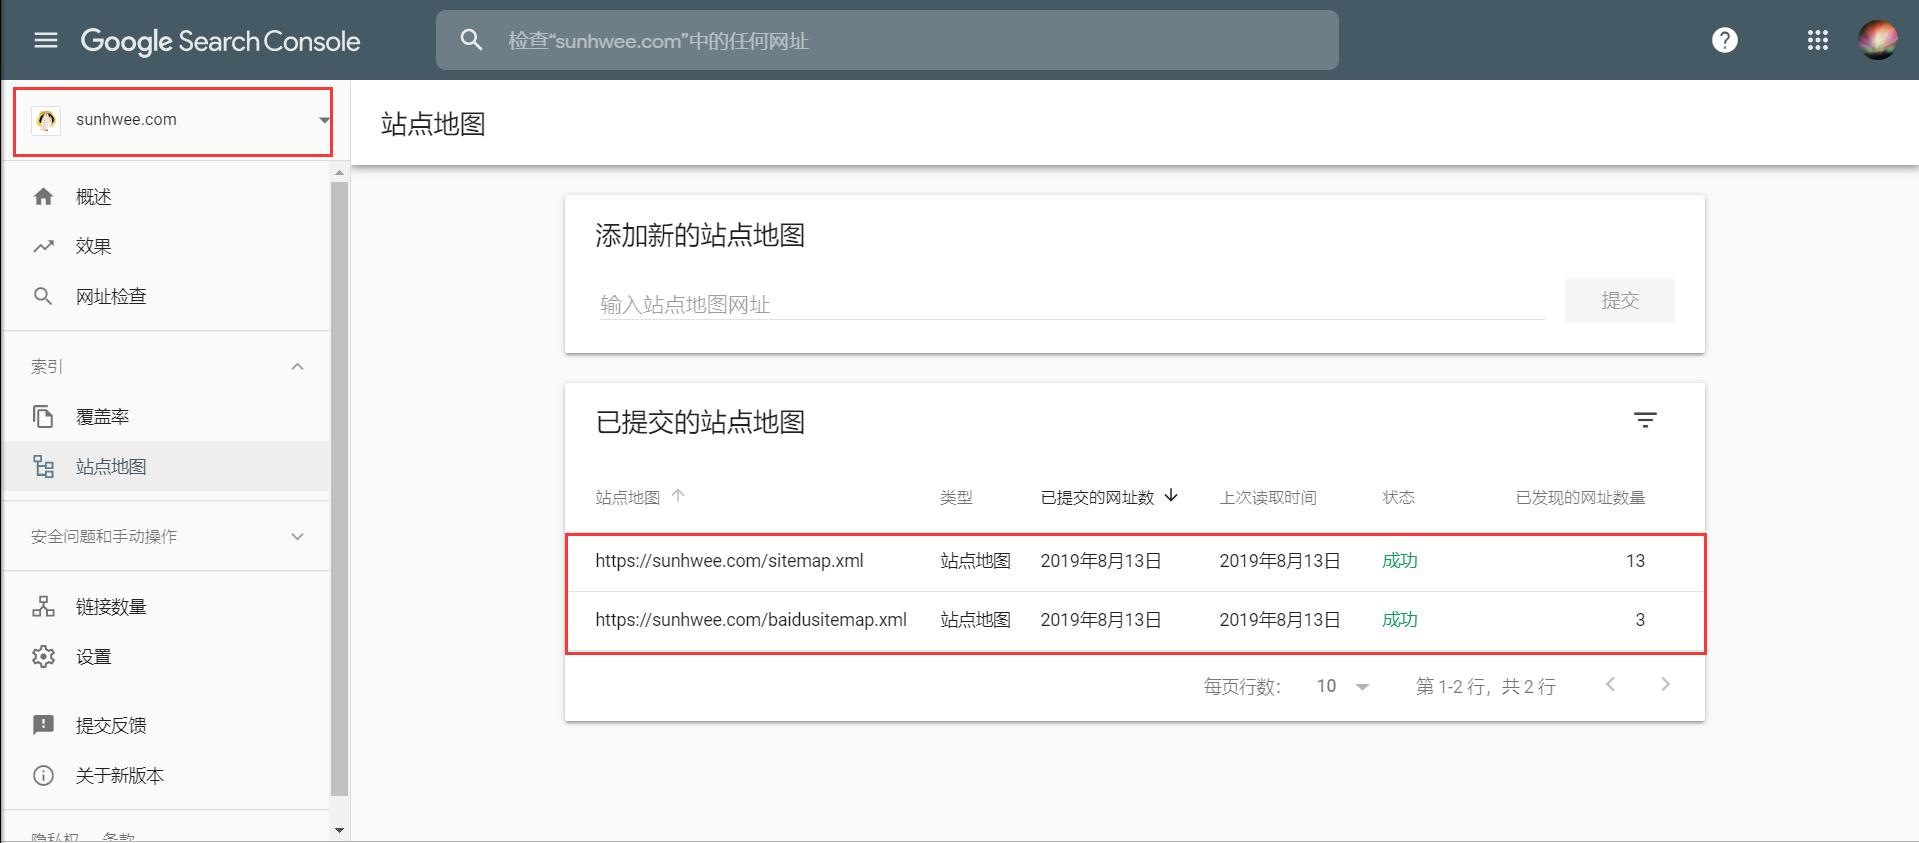 sitemap提交成功